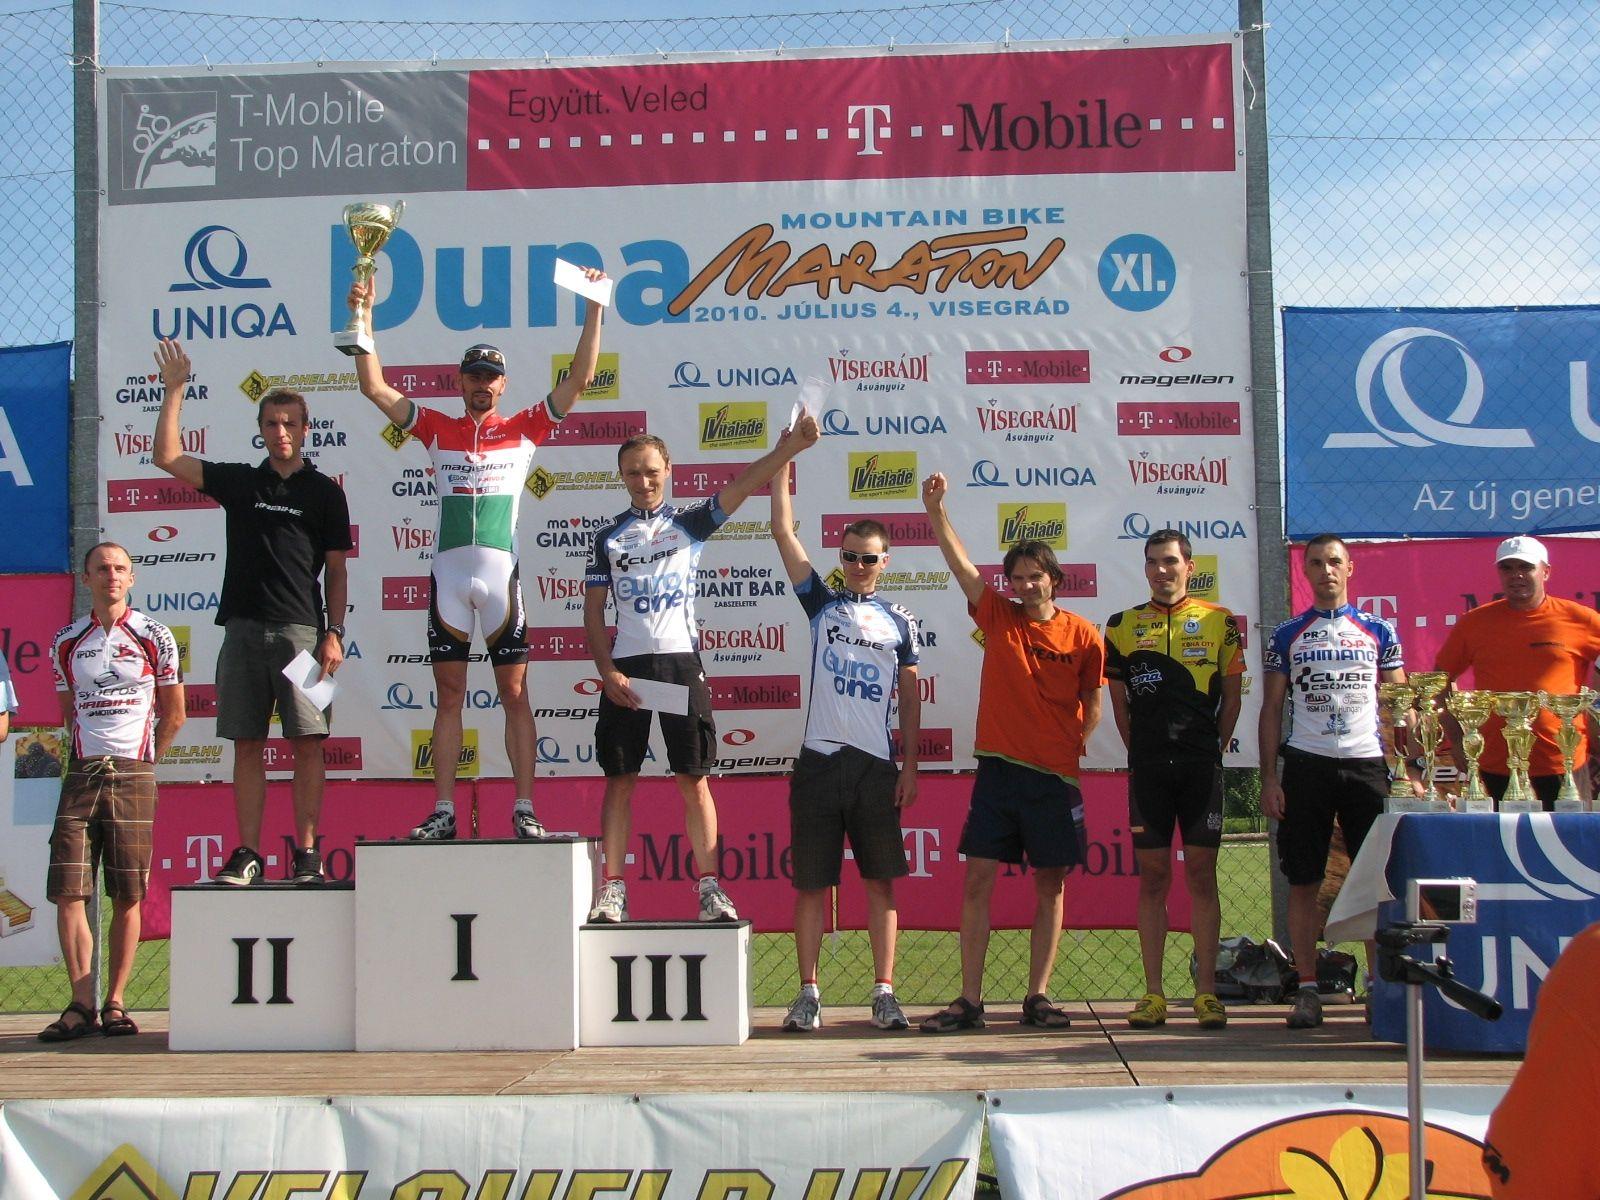 BM duna maraton 2010 elit ferfi - x2s team hasenfratz, szalay